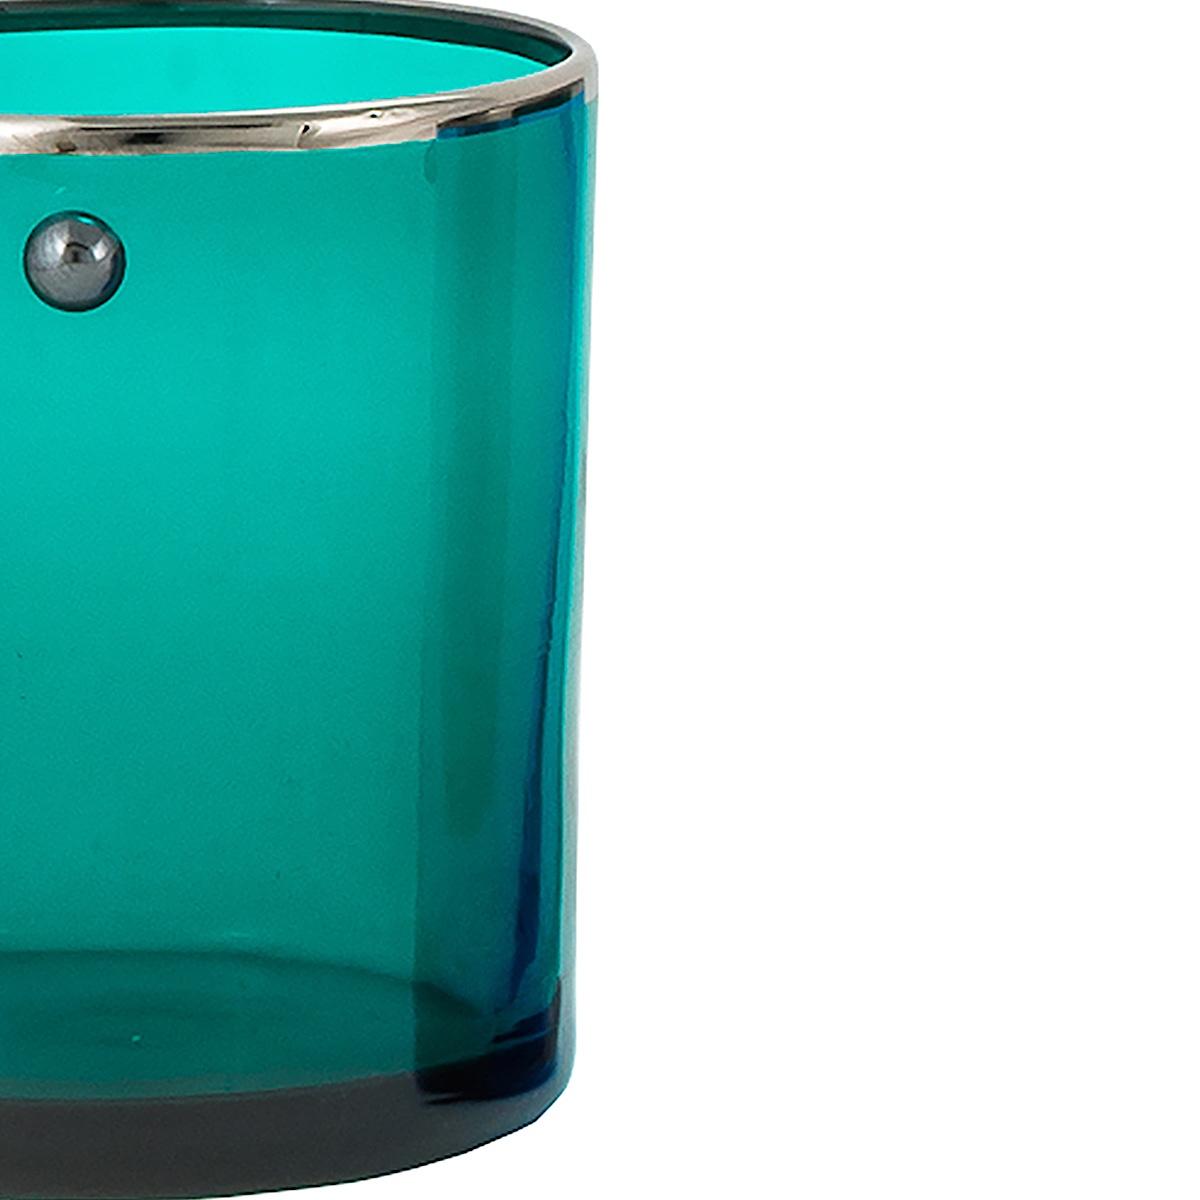 JAI-shot-glass-green-platinum-rim-murano-vodka-venice-handmade-luxury